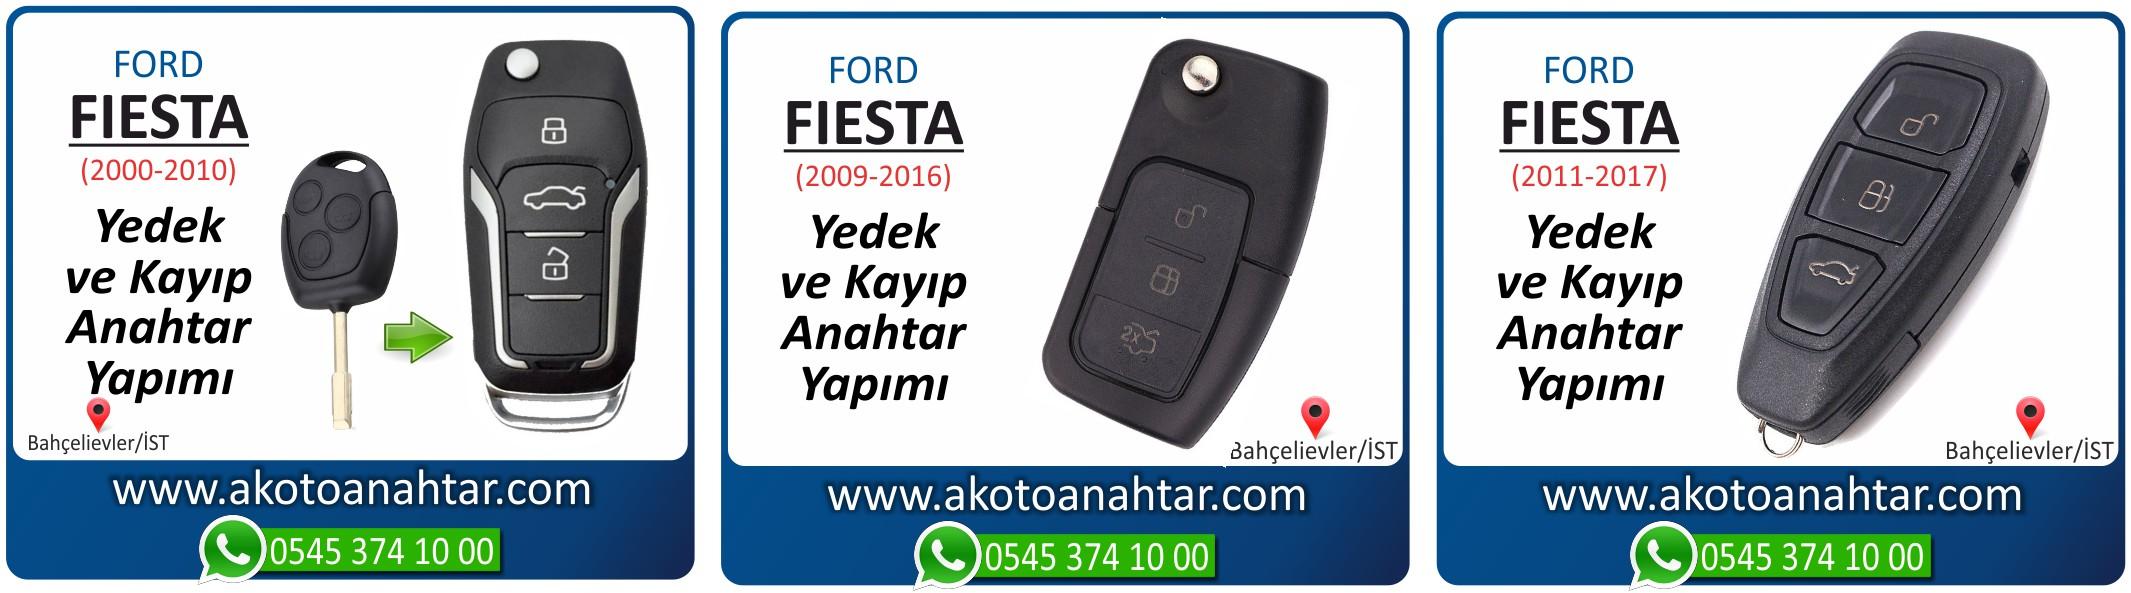 fiesta anahtari - Ford Fiesta Anahtarı | Yedek ve Kayıp Anahtar Yapımı